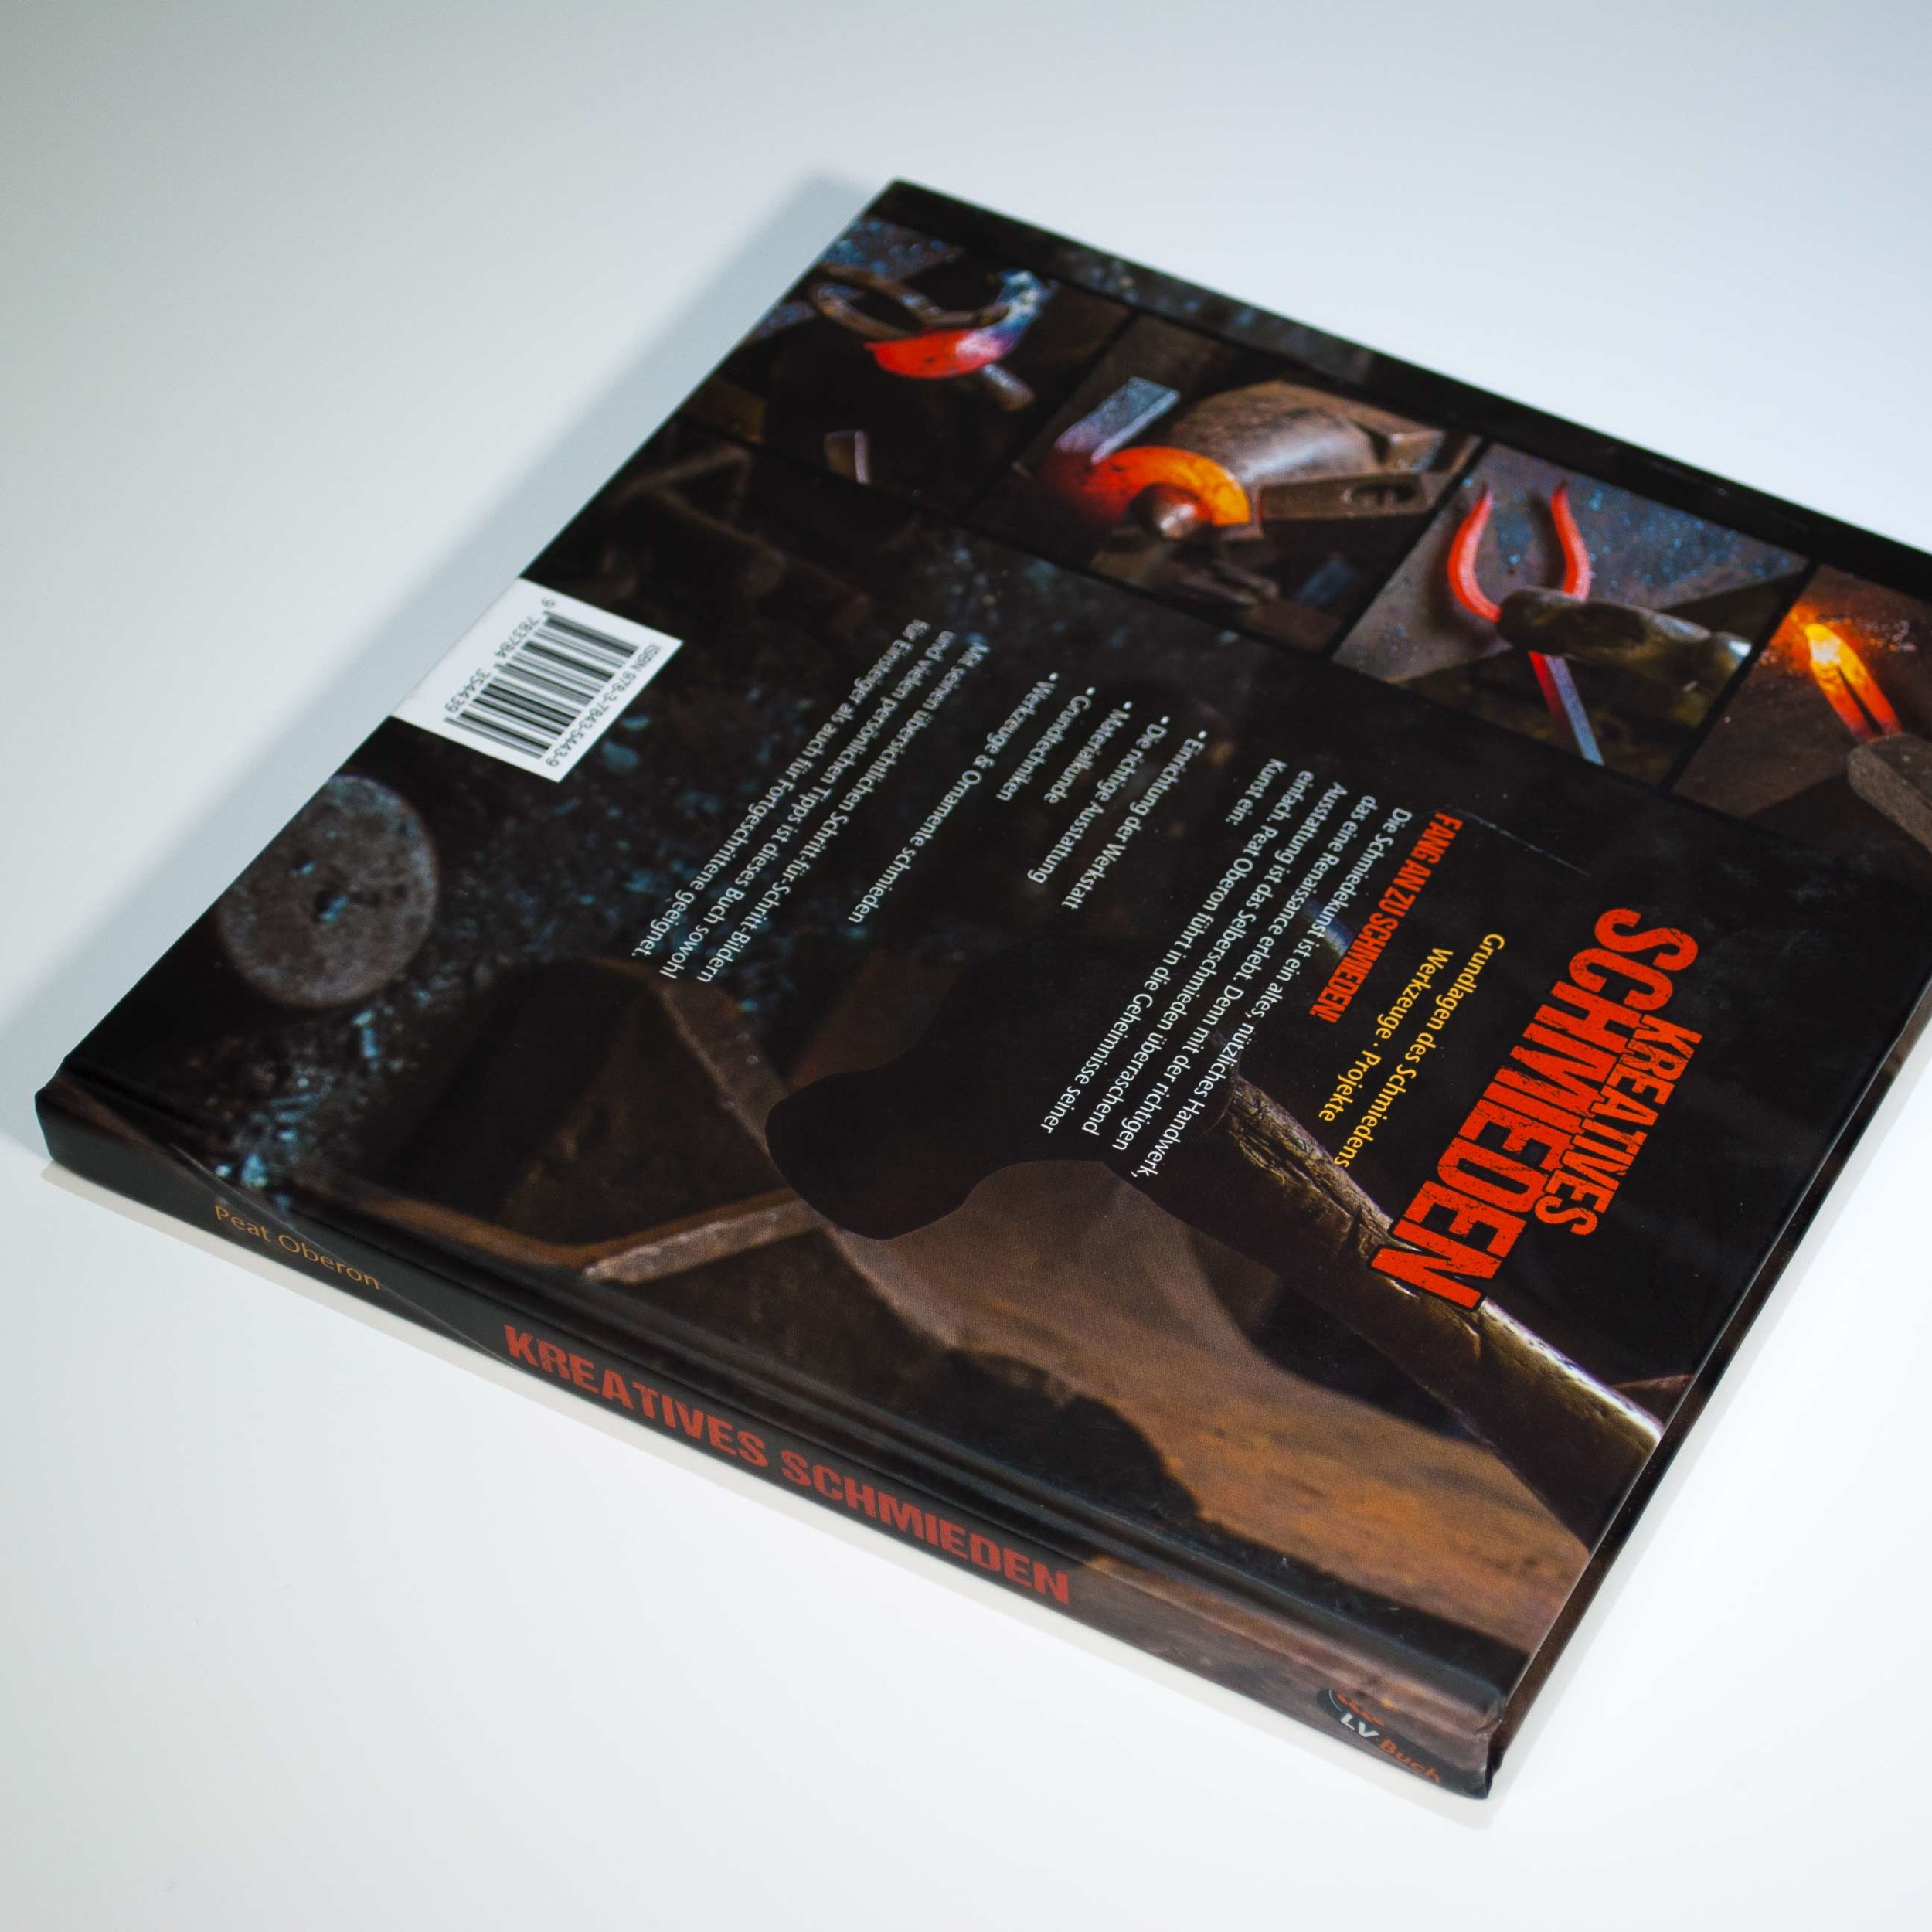 book2_6818.jpg